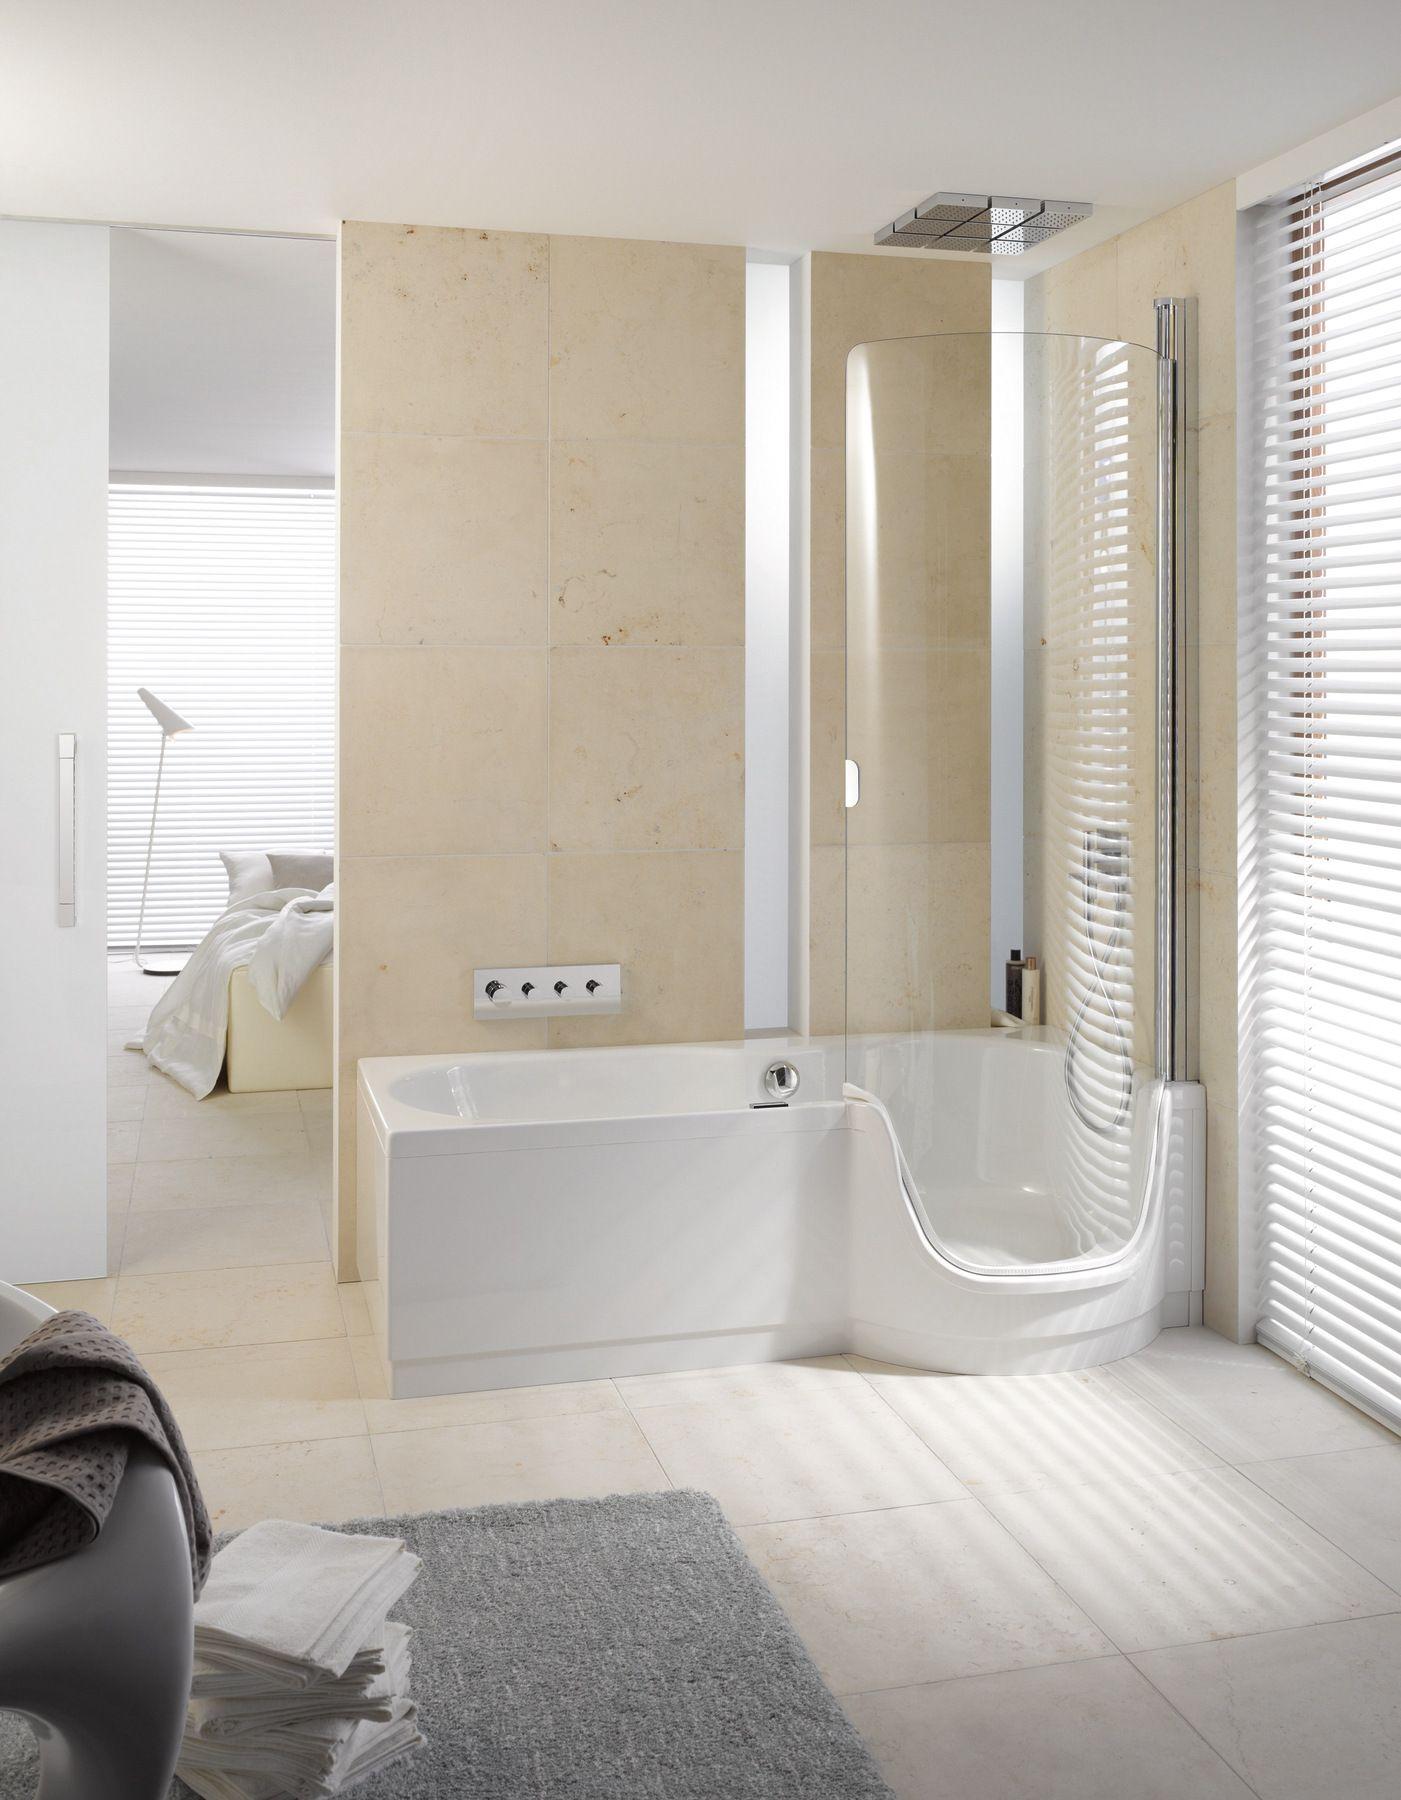 Vasca da bagno con doccia con porta bettetwist ii by bette - Vasca bagno con porta ...